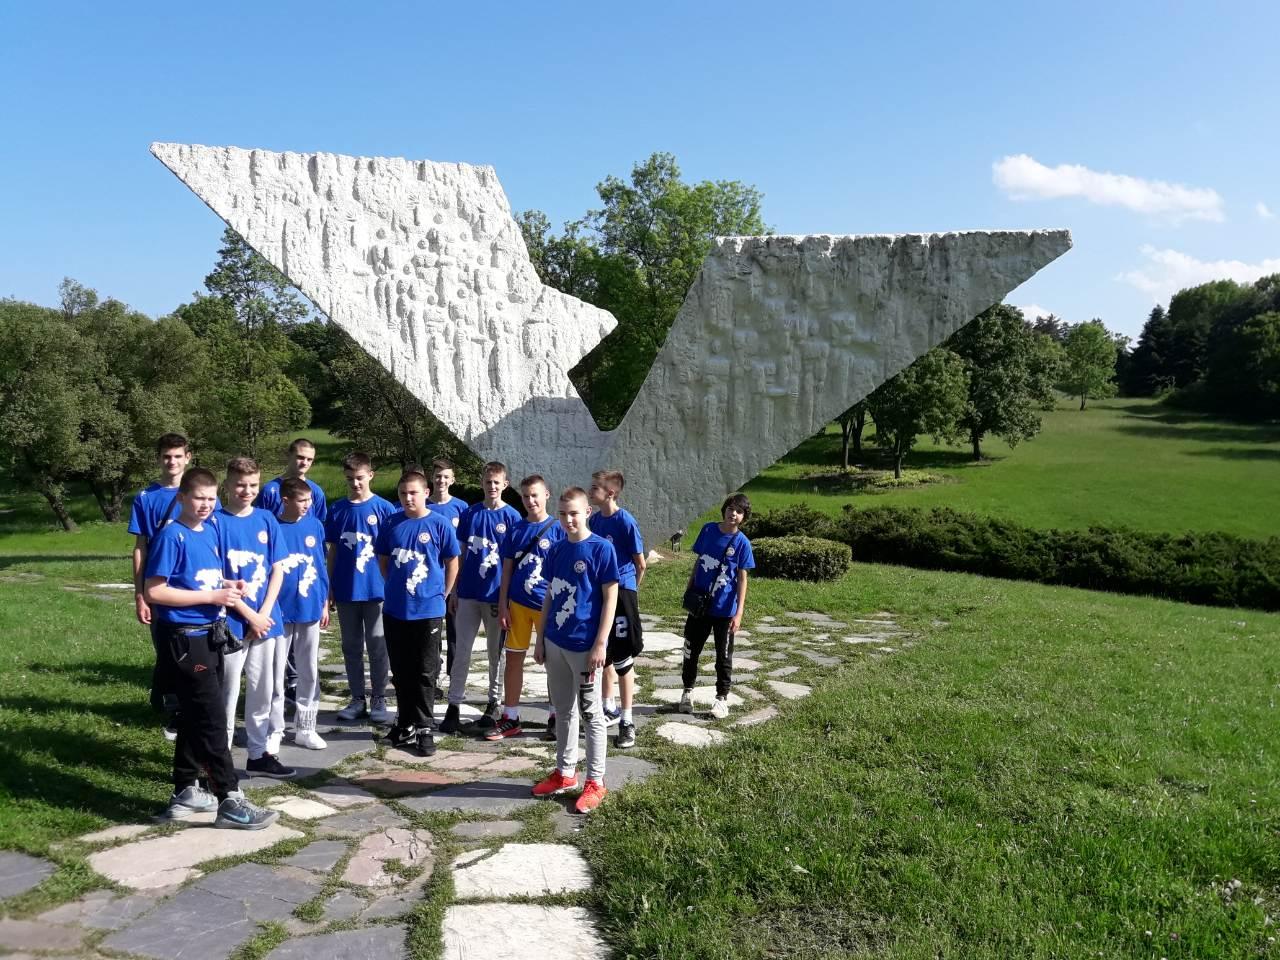 Reprezentacija Republike Srpske 2006 godište u obilasku spomen parka u Šumaricama